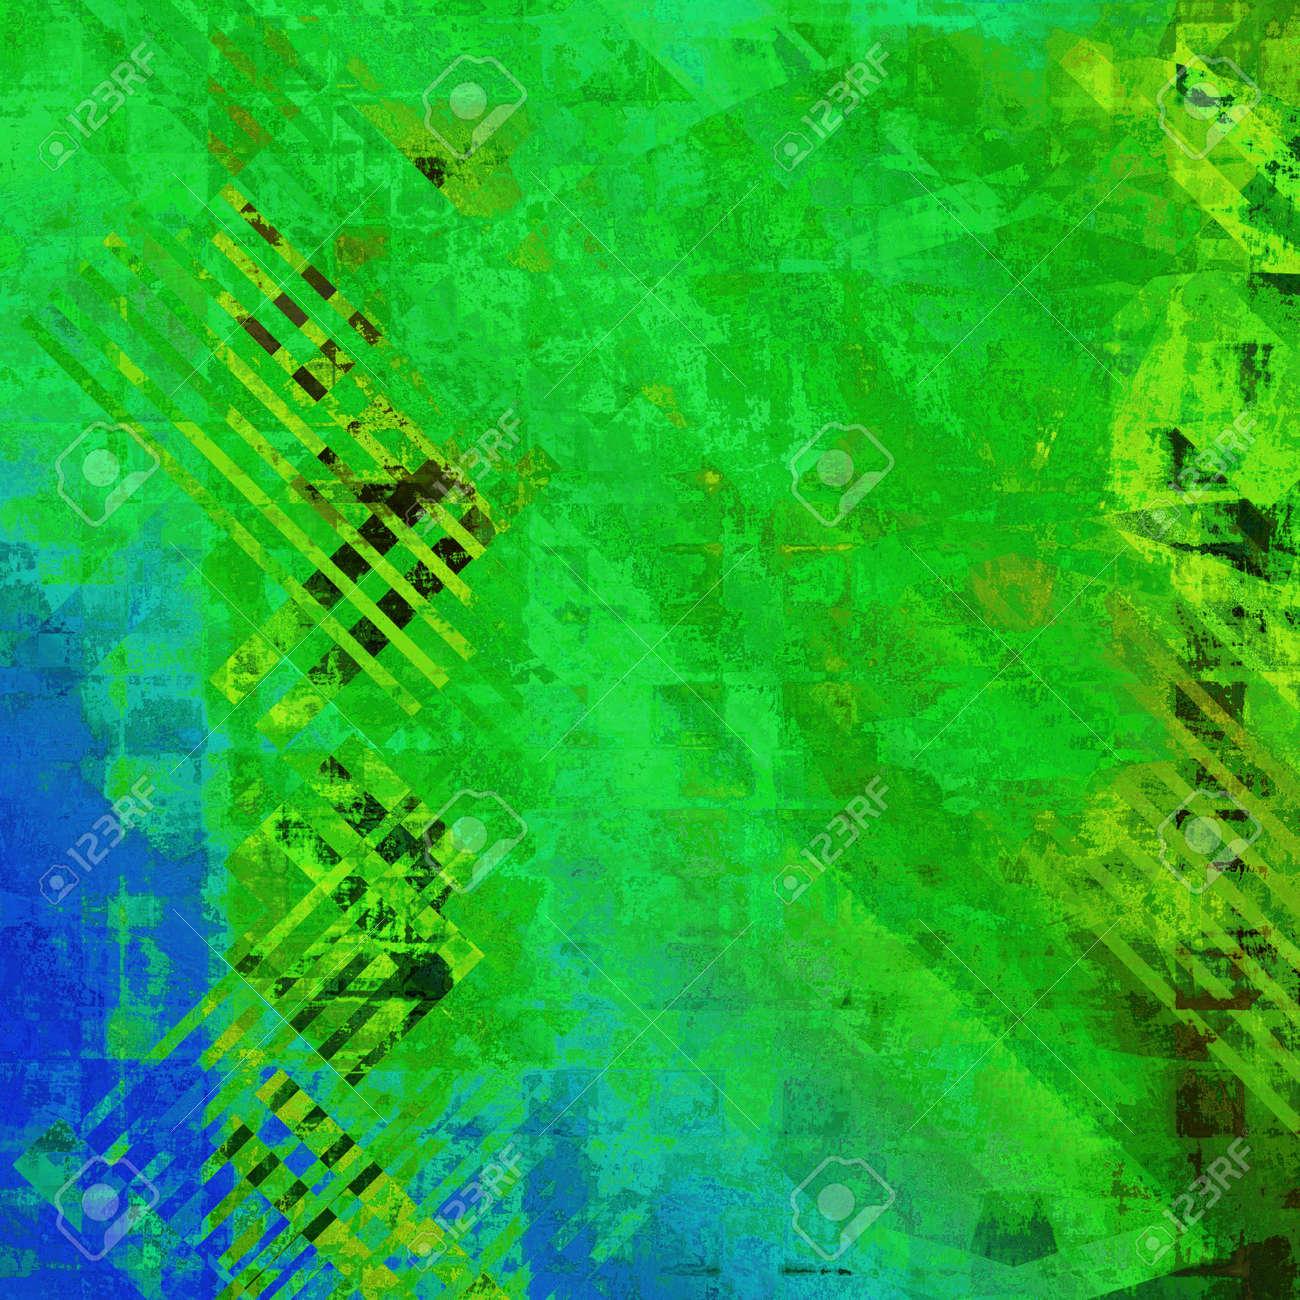 El Arte Abstracto De Colores De Fondo De Acrílico En Color Verde ...